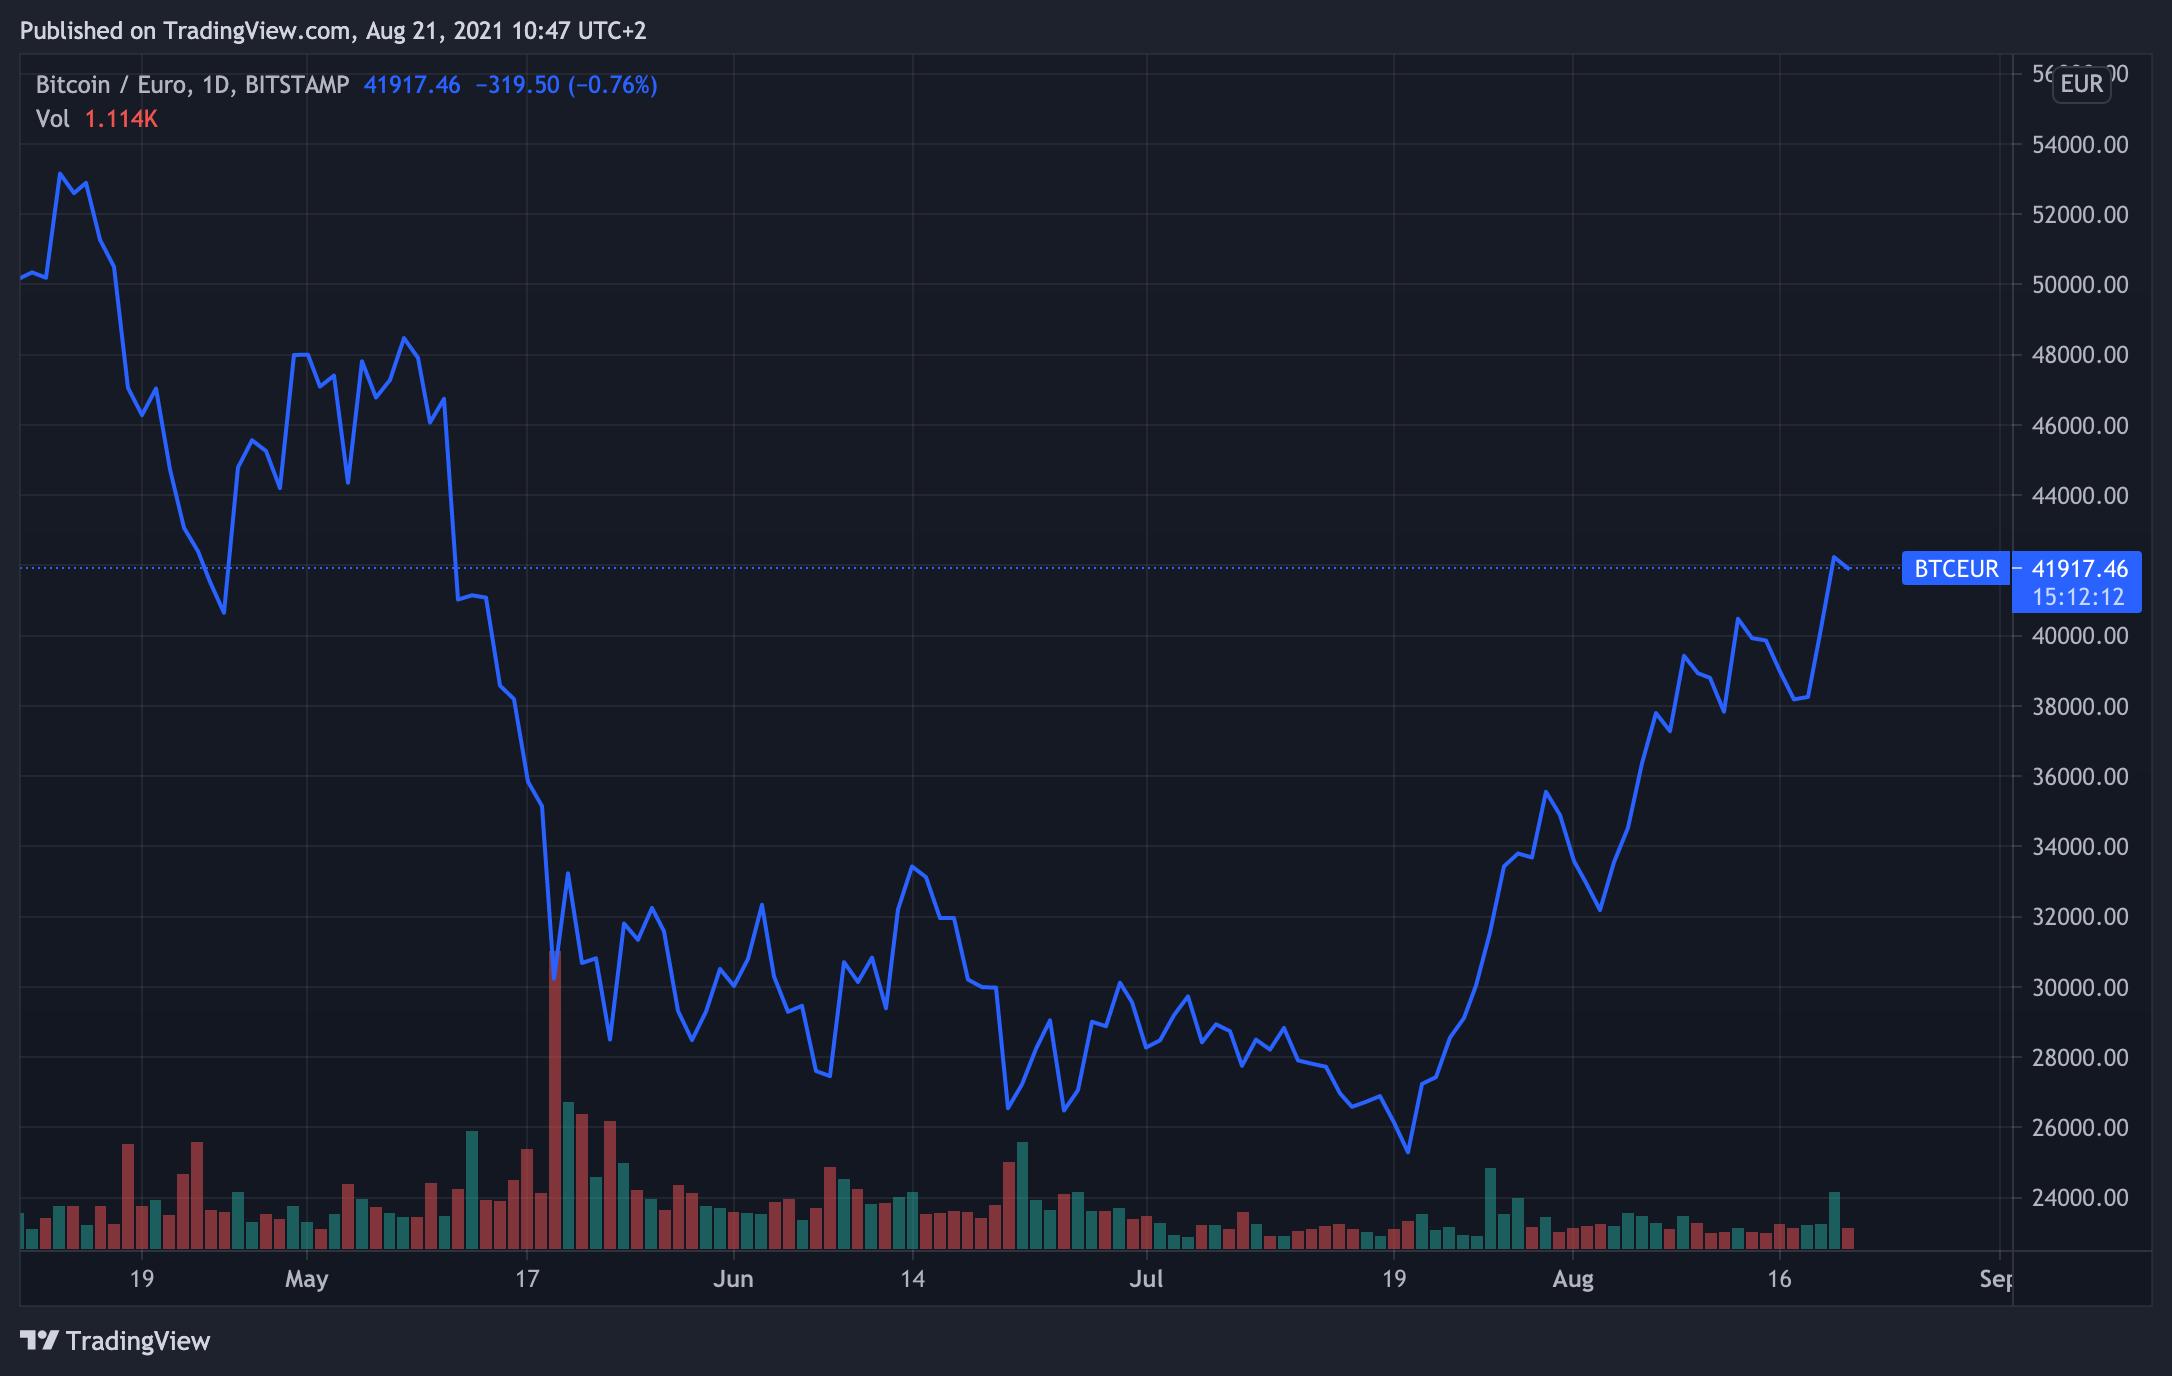 valore di bitcoin in libbre borsa di studio btc 2021 ultima data